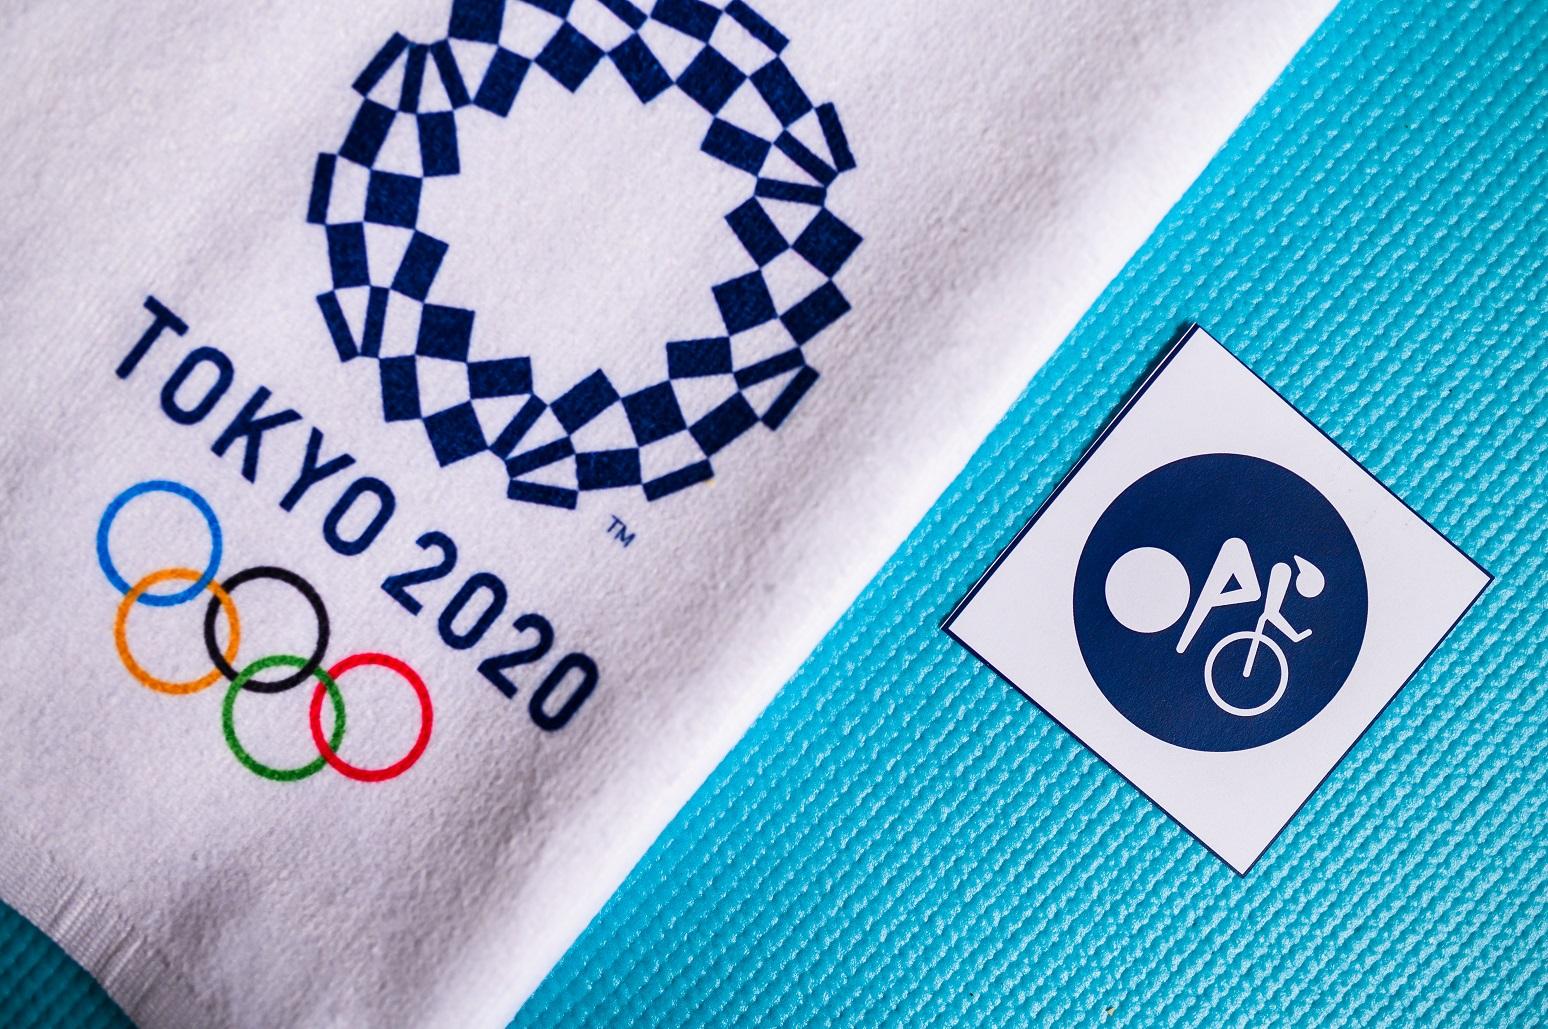 Tokyo 2020 Cycling